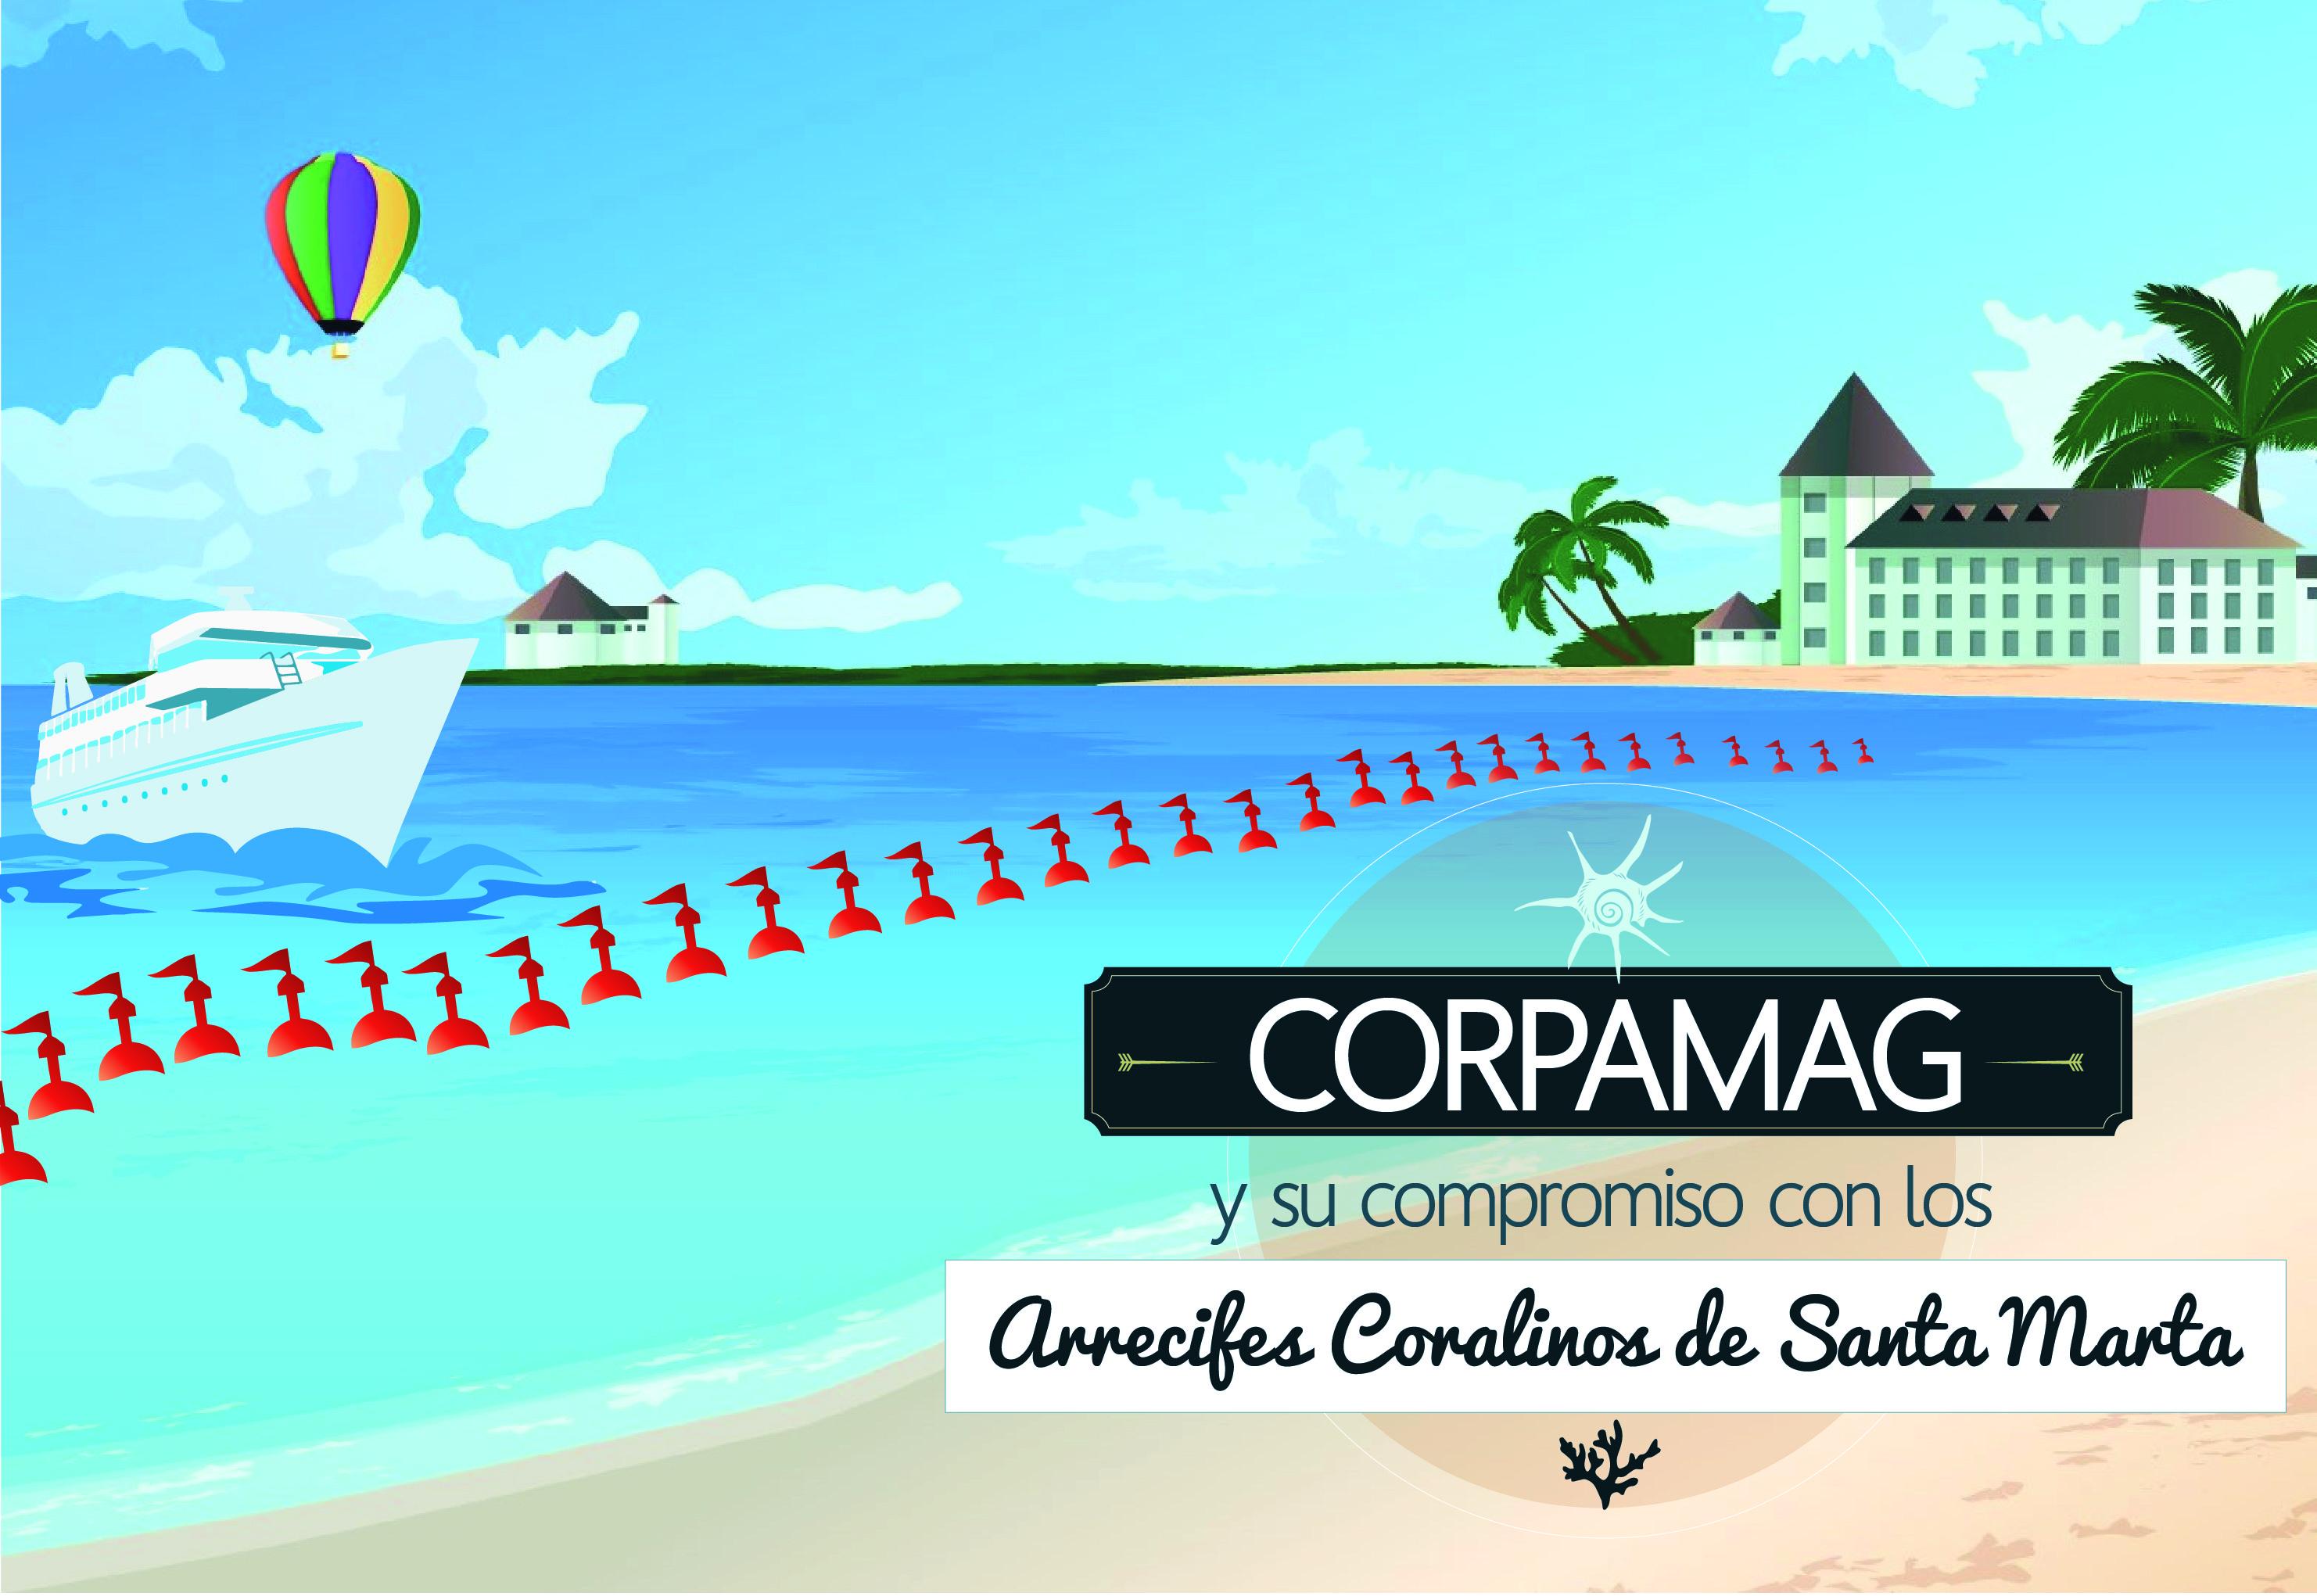 CORPAMAG-01